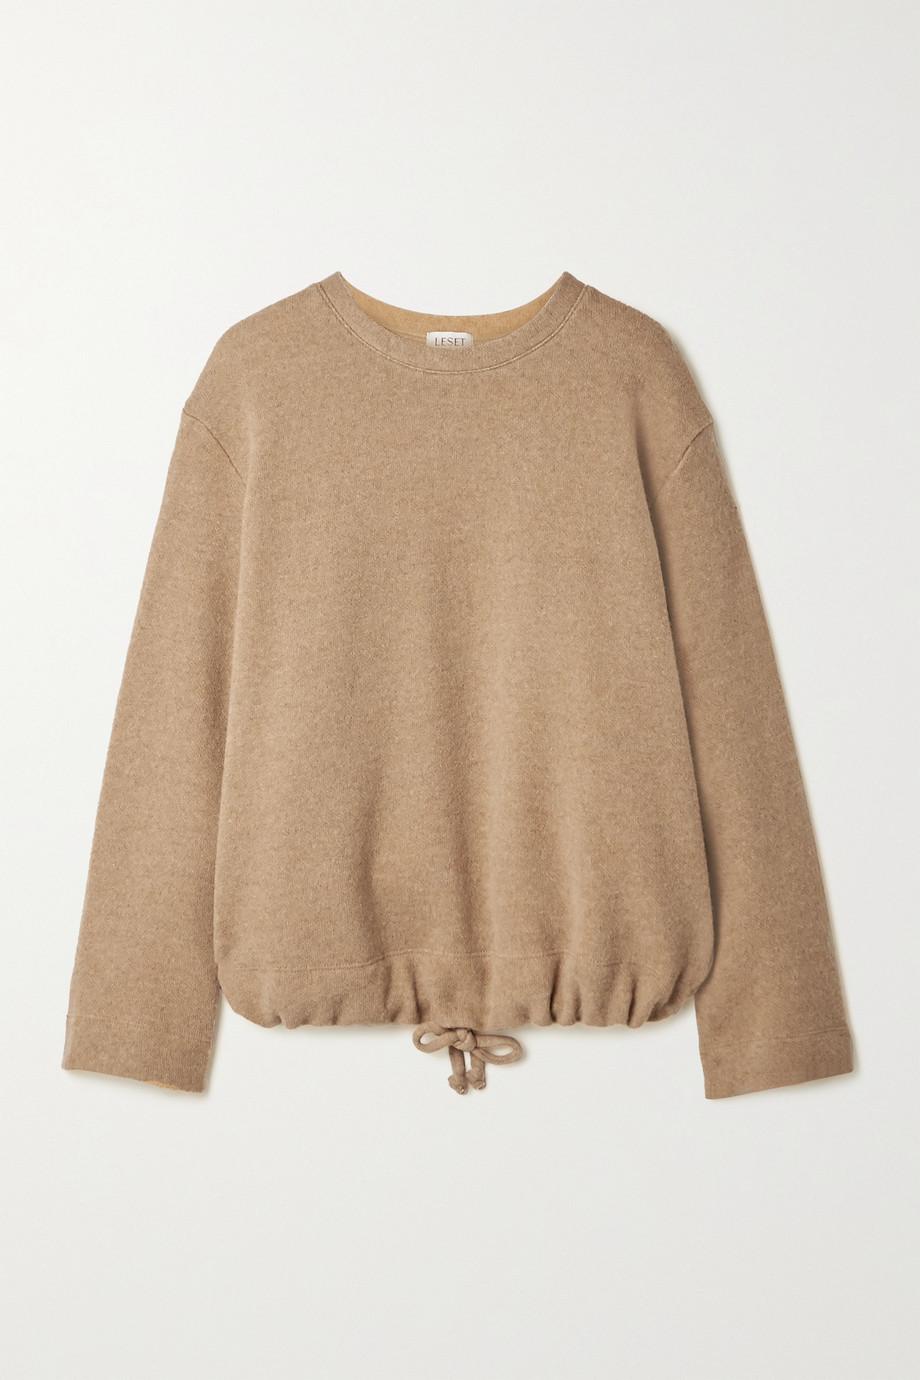 LESET Sierra Pullover aus einer Wollmischung